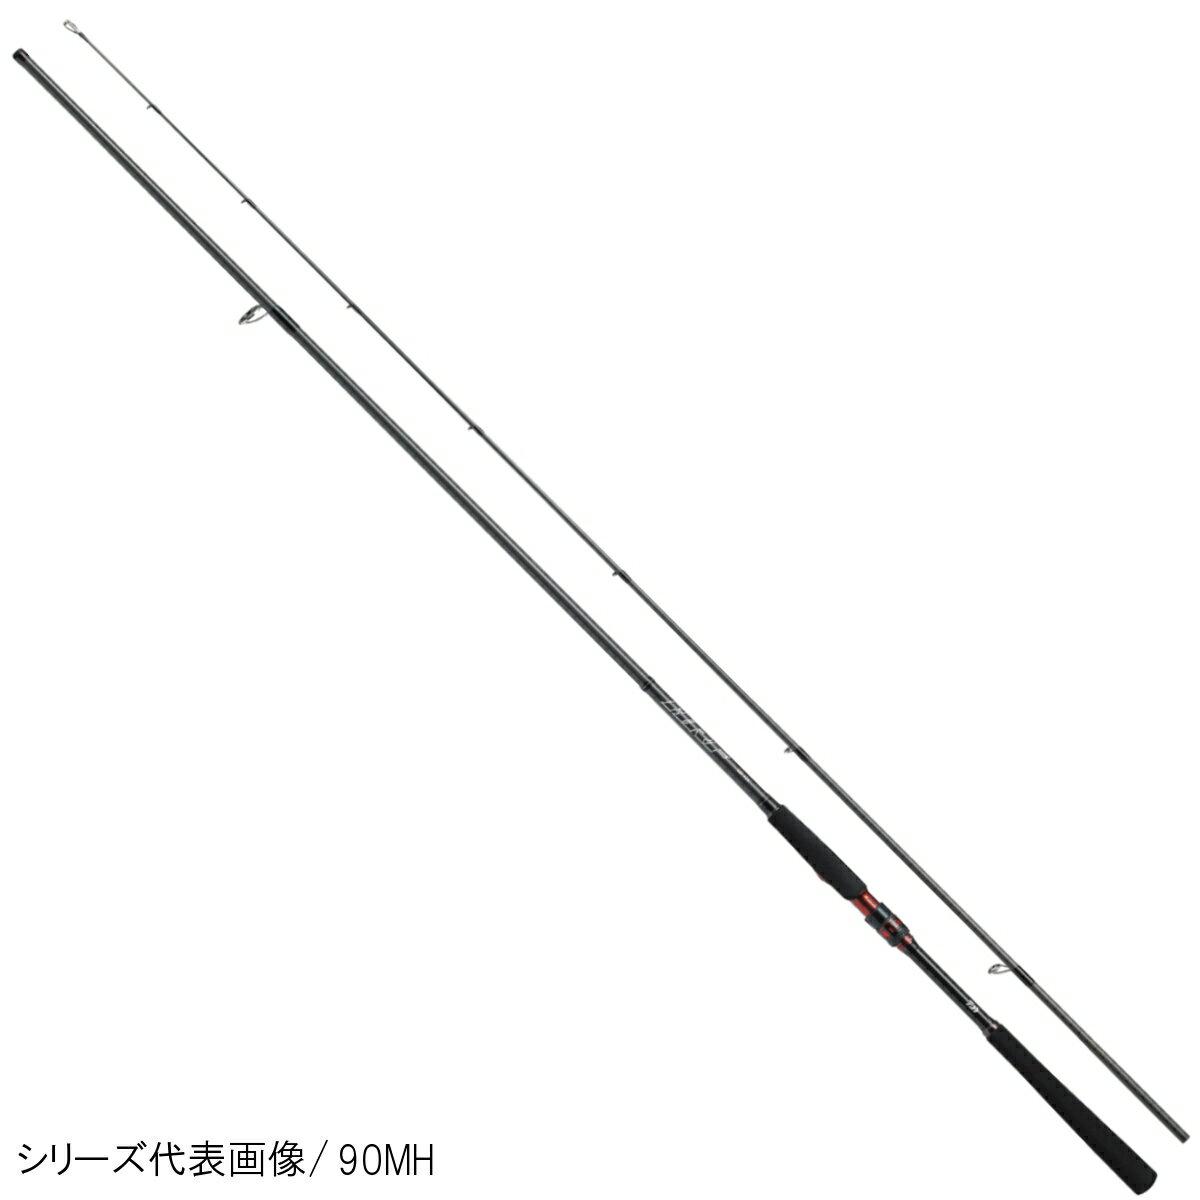 ダイワ HRF AIR KJ 83M【送料無料】